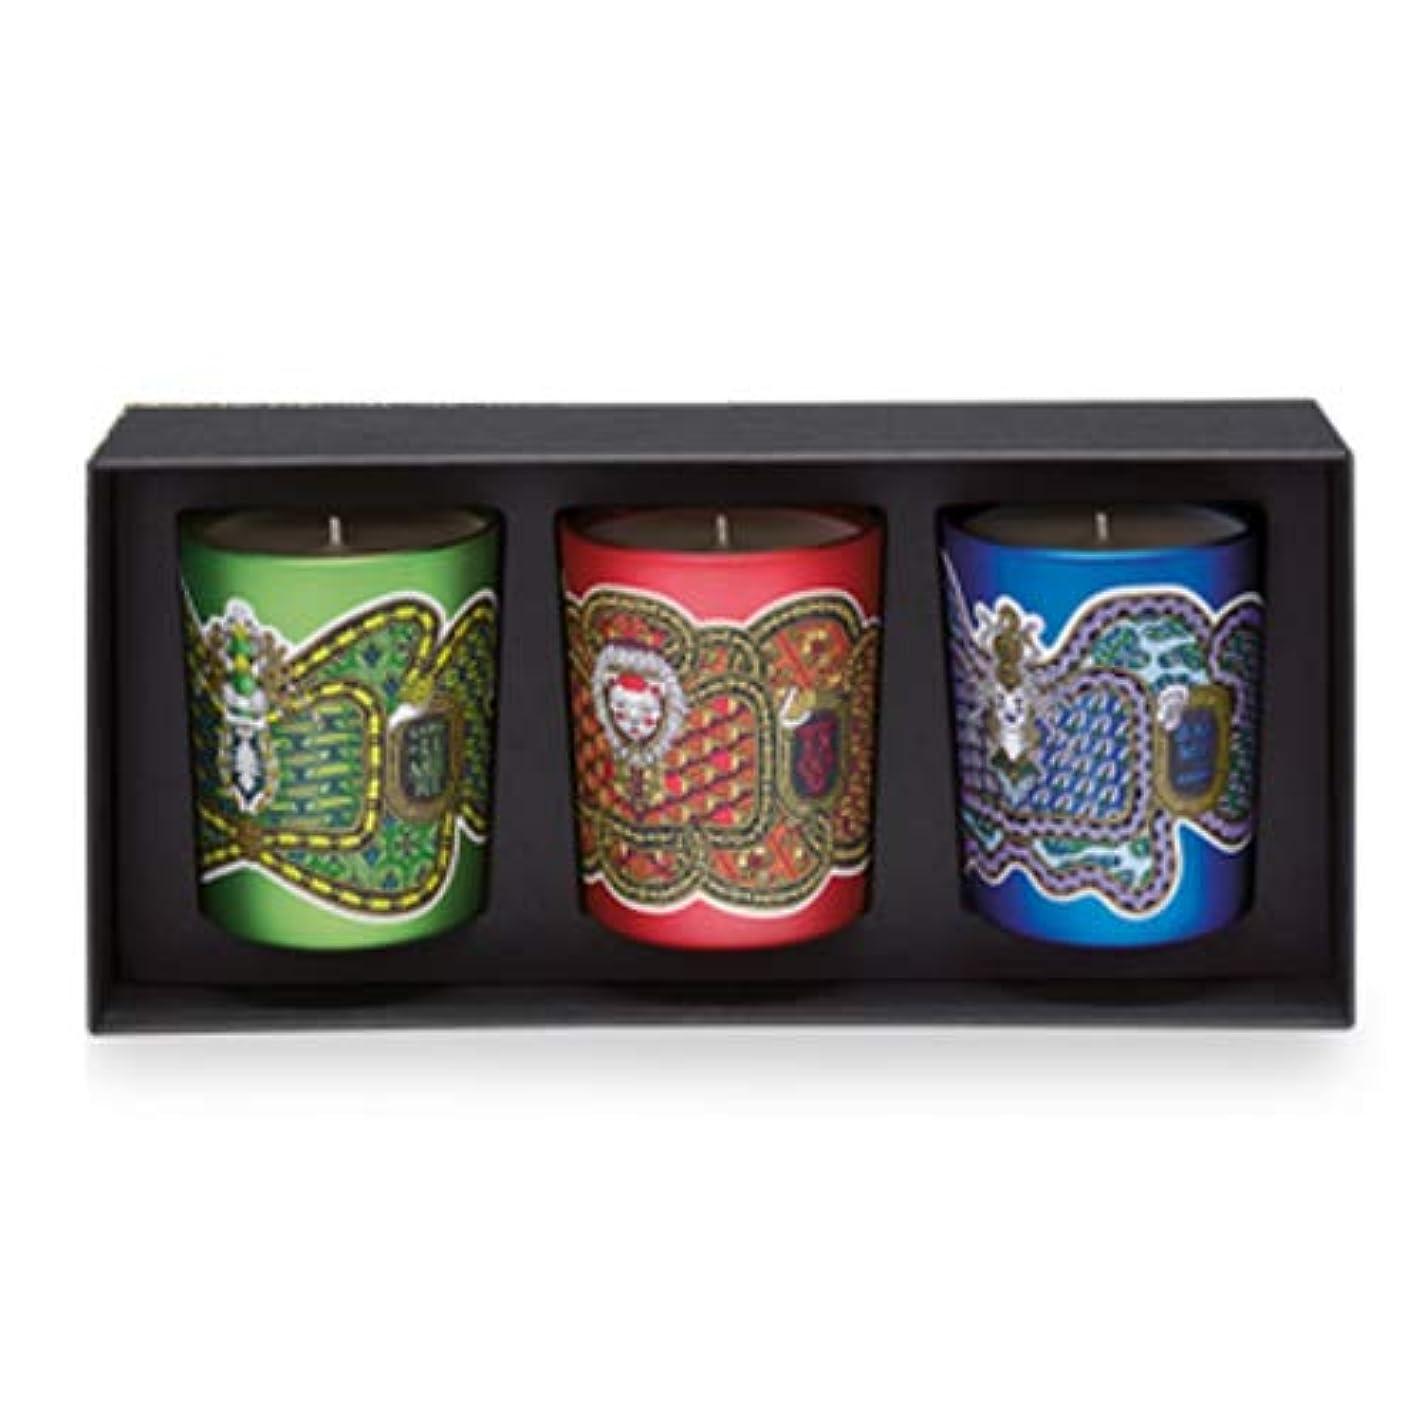 トンネル端専門知識ディプティック フレグランス キャンドル コフレ 3種類の香り 190g×3 DIPTYQUE LEGENDE DU NORD SCENTED HOLIDAY 3 CANDLE SET [6586] [並行輸入品]